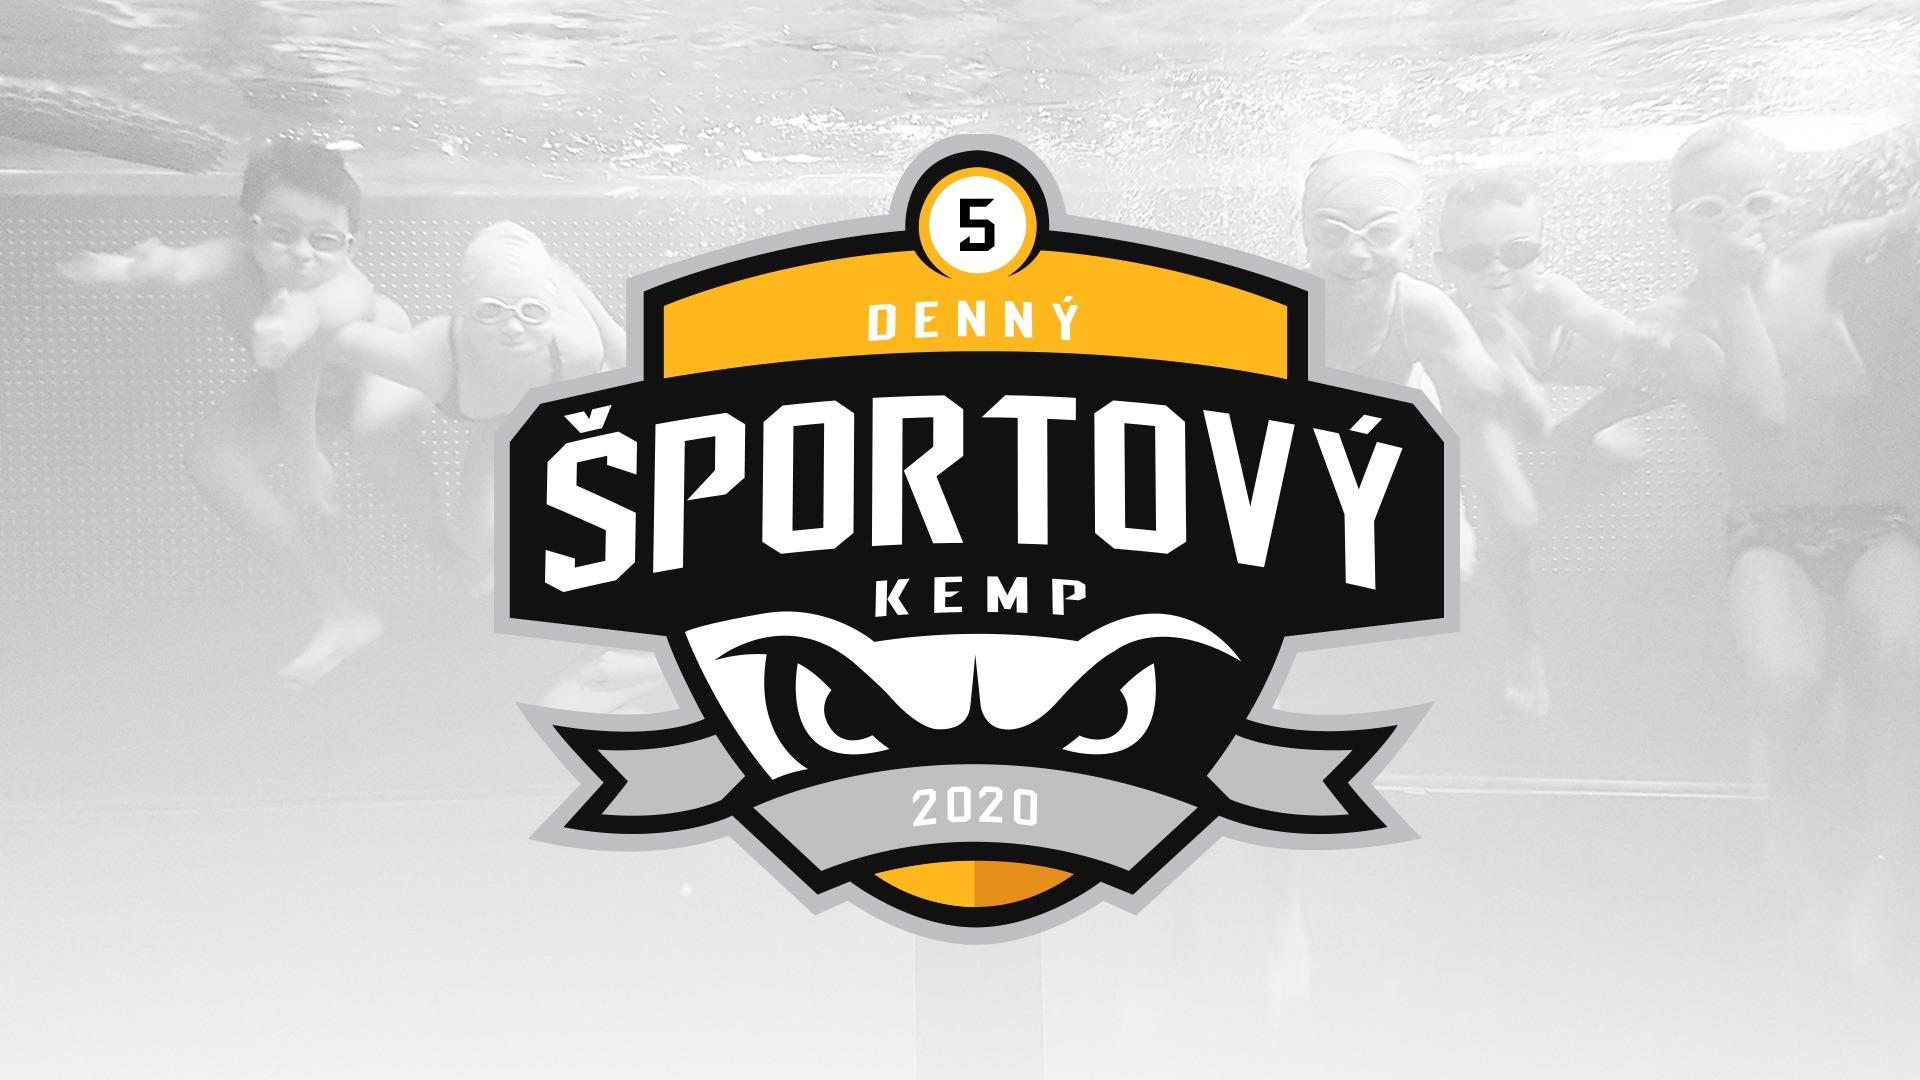 Denný Športový Kemp Leto 2020: 4. Turnus - Deti od 6 - 10 Rokov